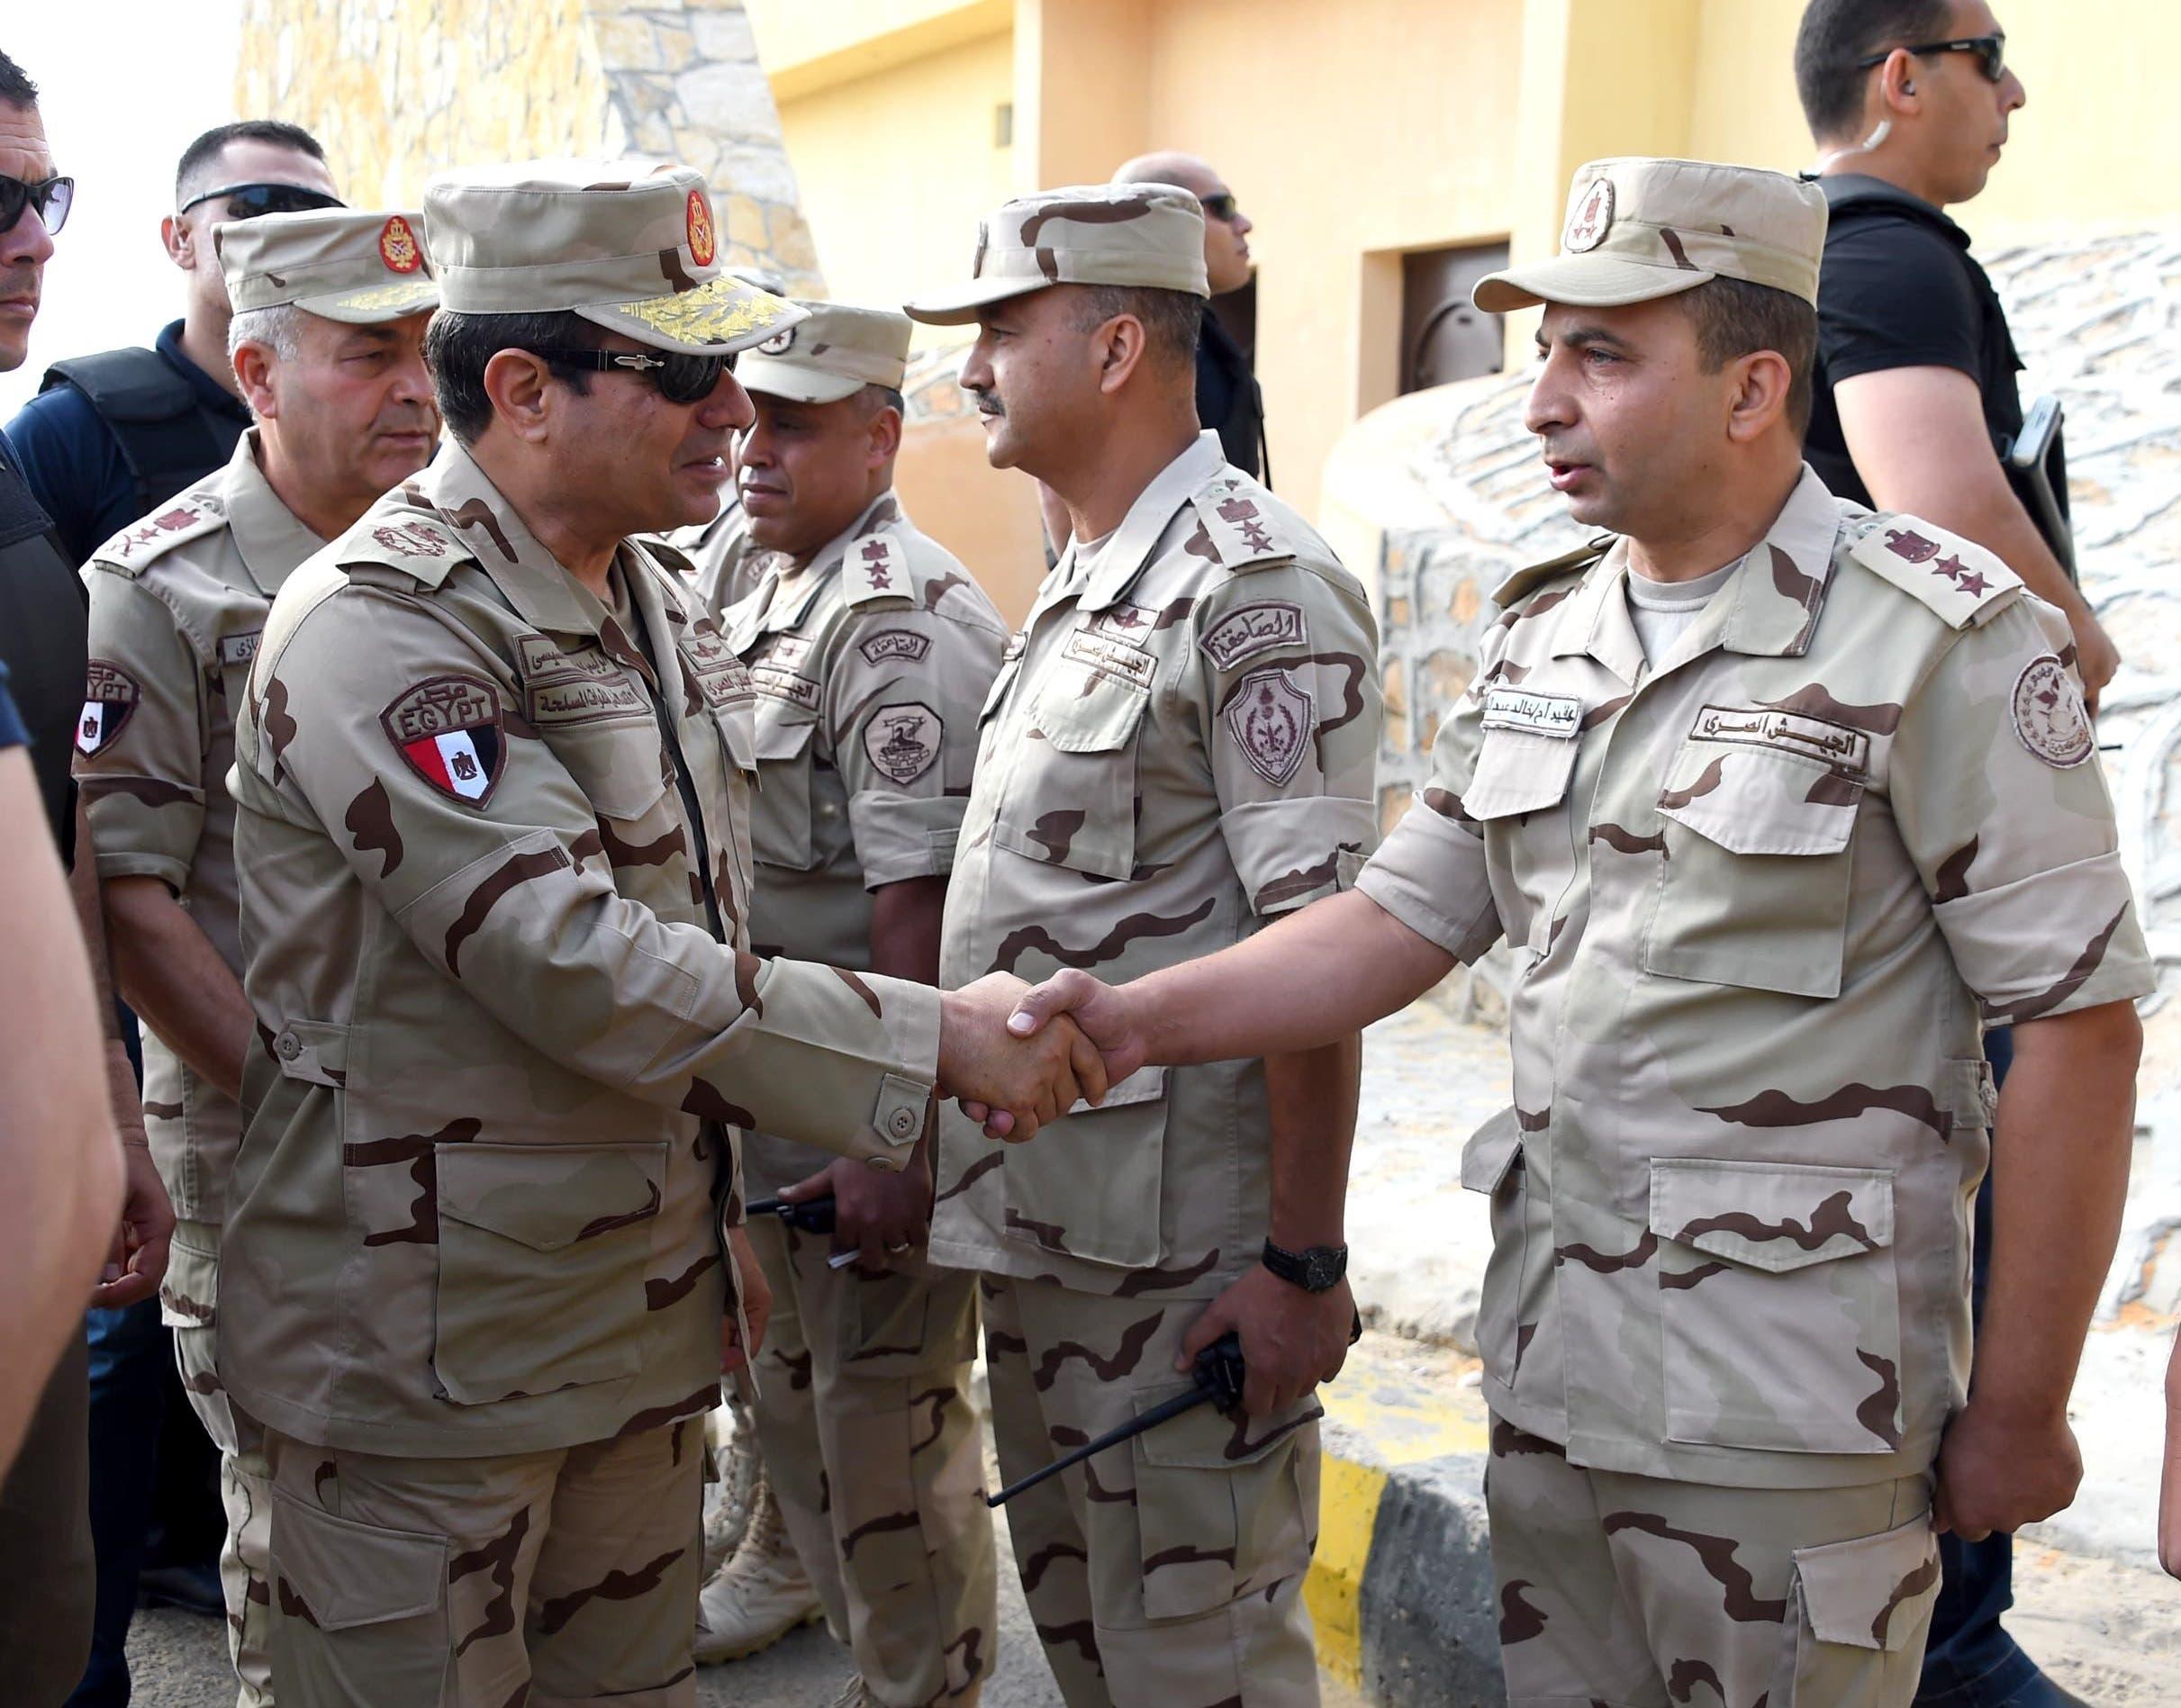 السيسي بالزي العسكري في شمال سيناء بعد الهجمات 595686ed-589b-4c7a-85fa-37faeb63a187